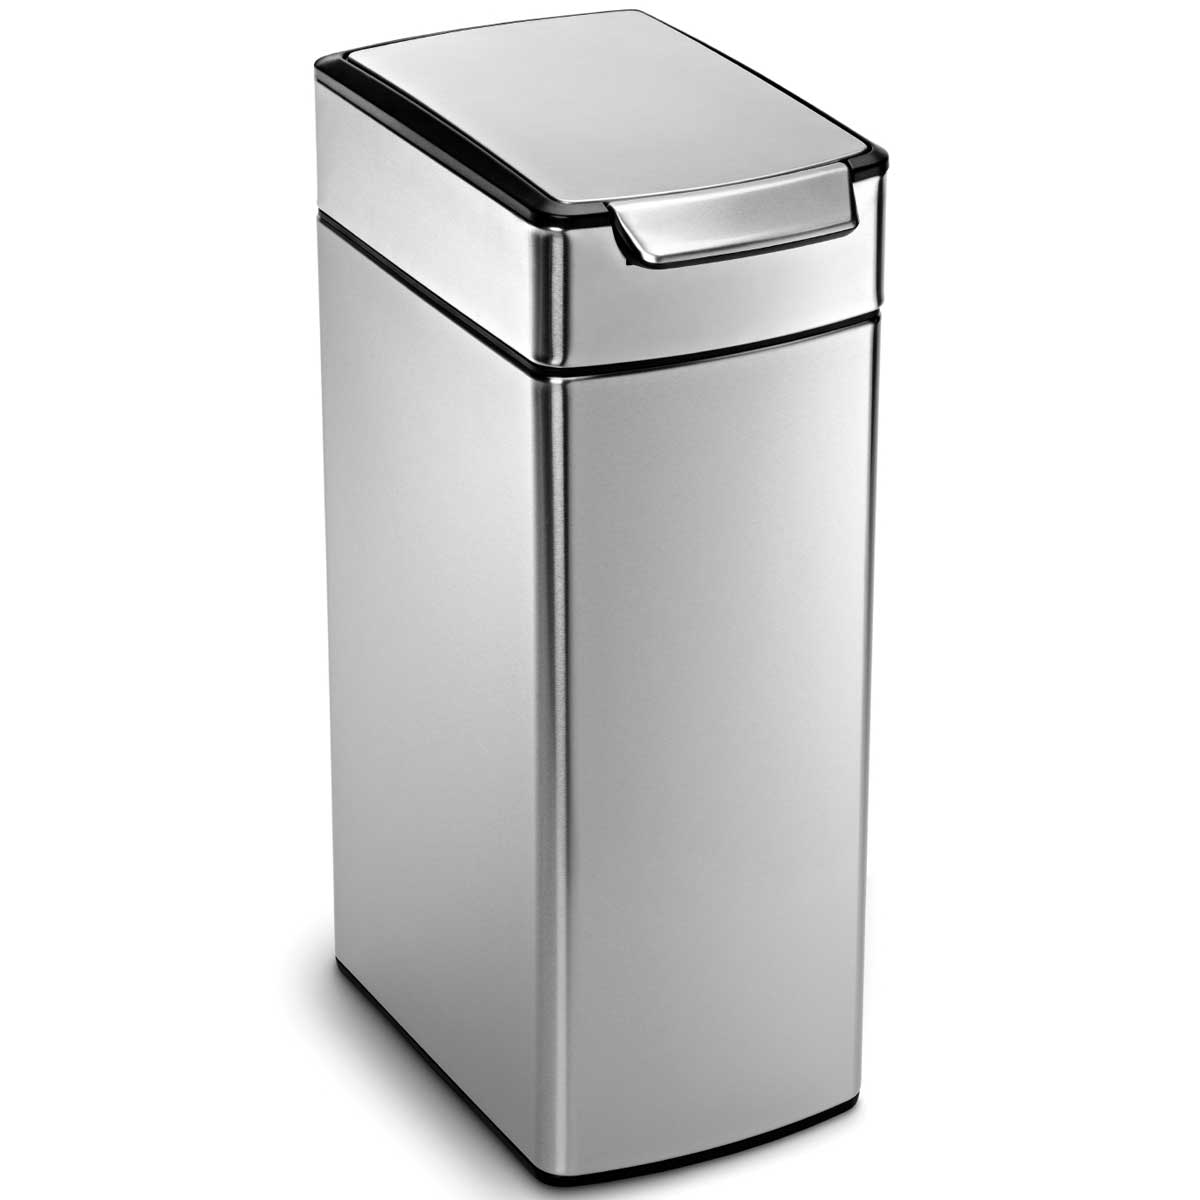 simplehuman ゴミ箱 タッチバーカン おしゃれ シンプルヒューマン 正規品 メーカー保証付き CW2016 スリム 角型40L